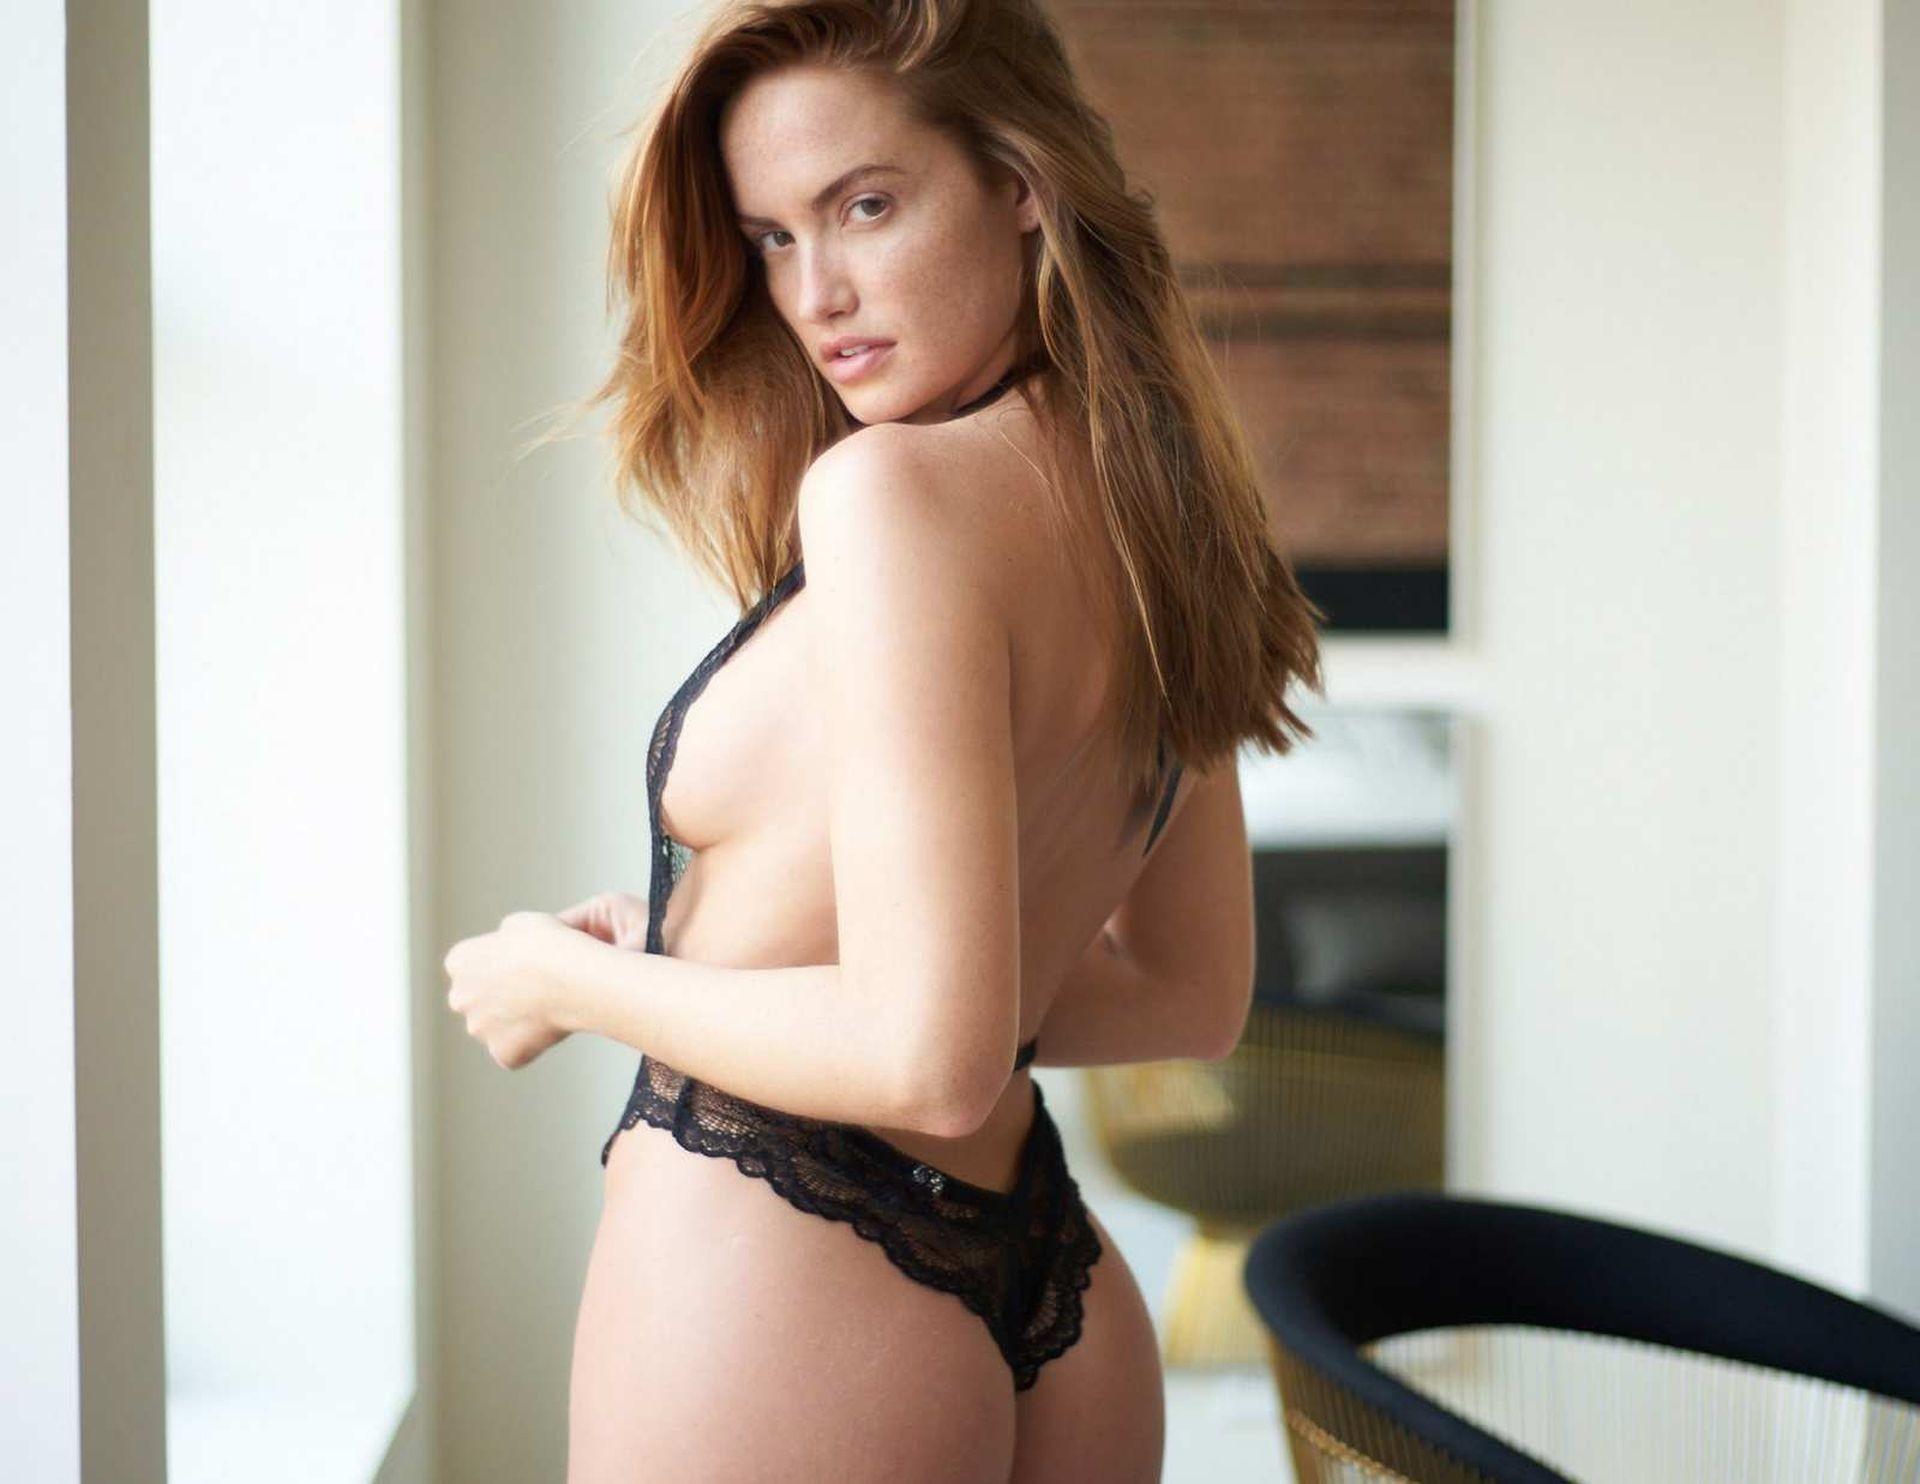 Haley joel nude